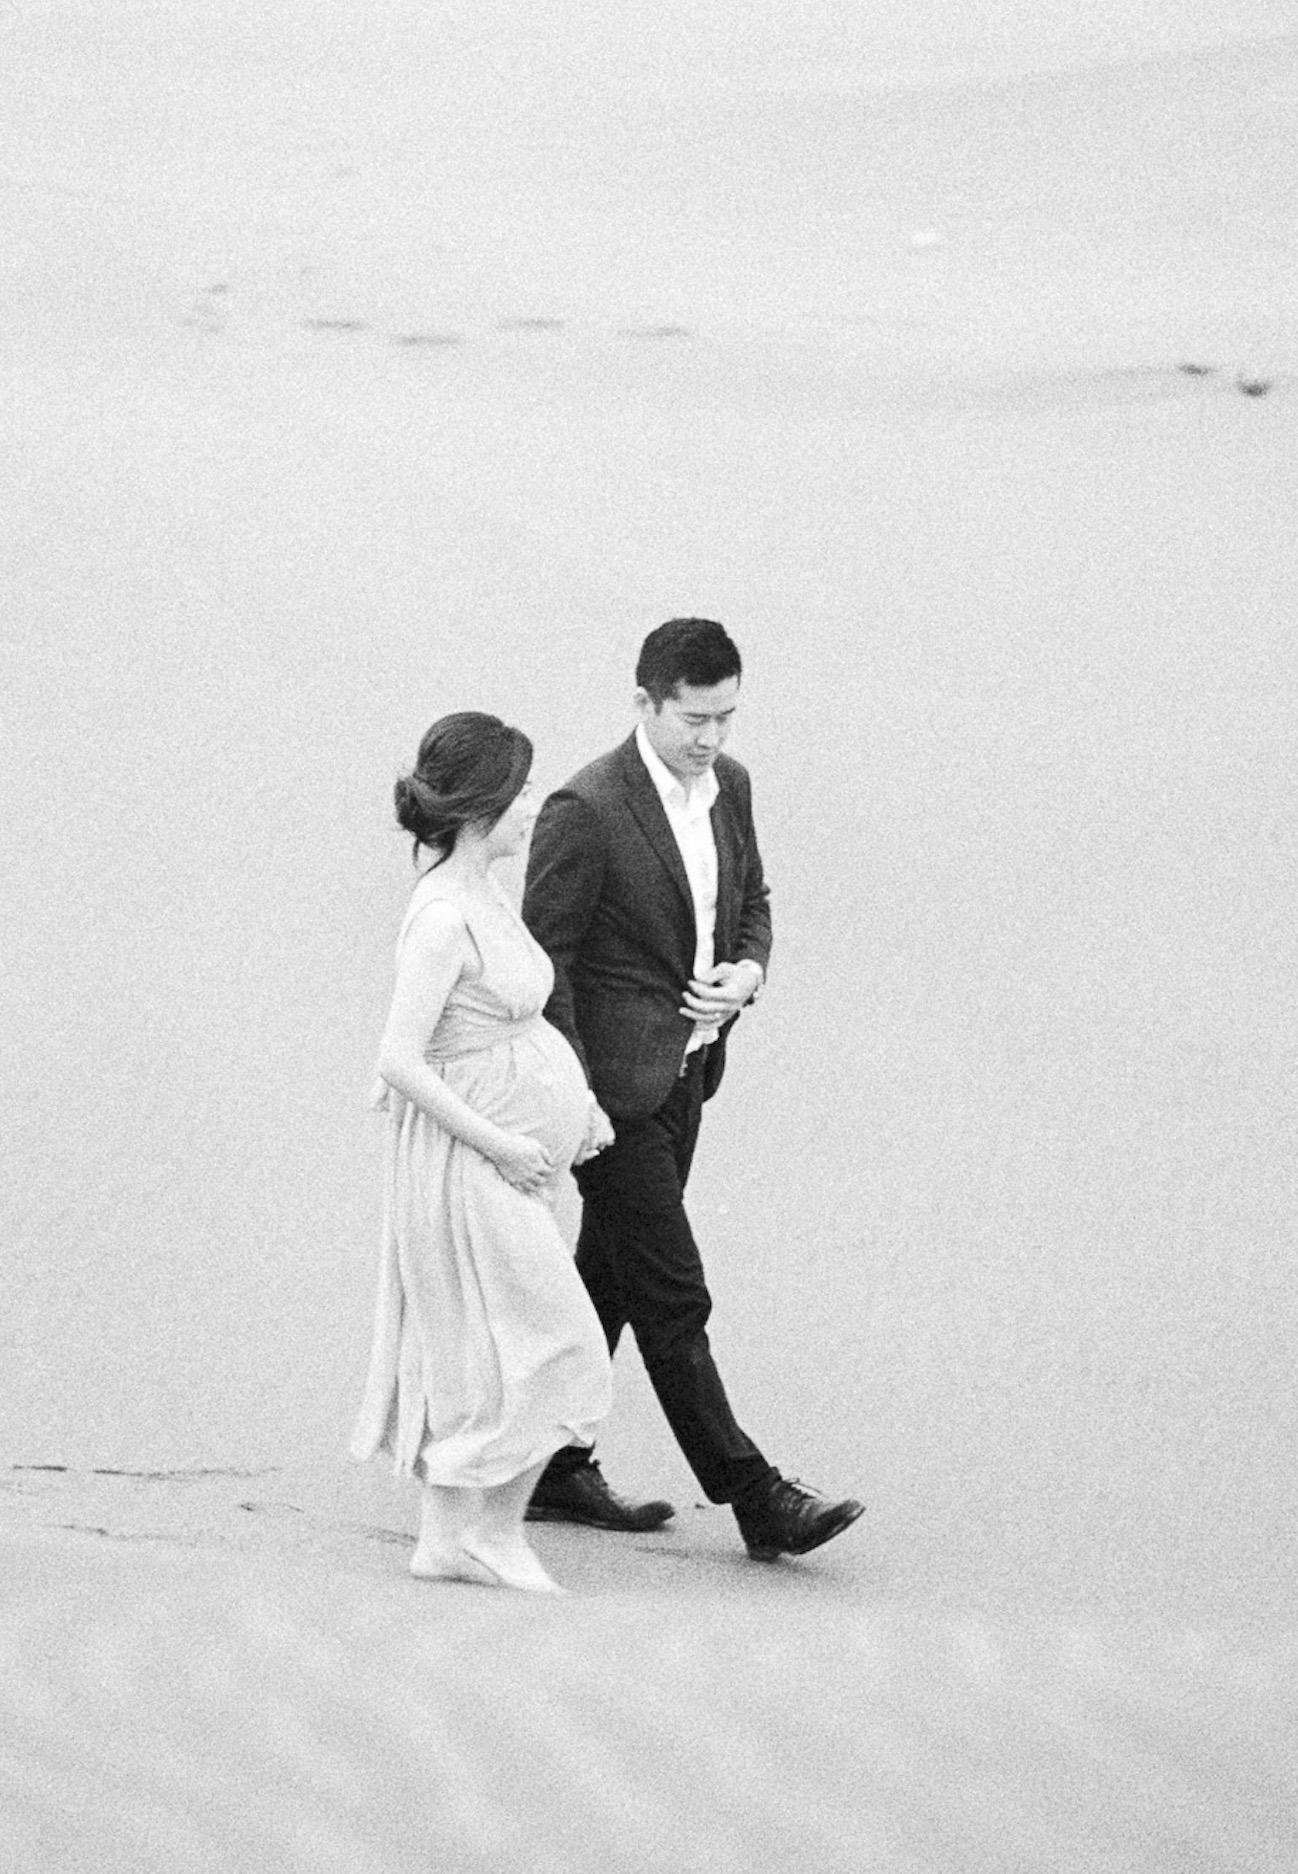 婚禮 婚紗 攝影師